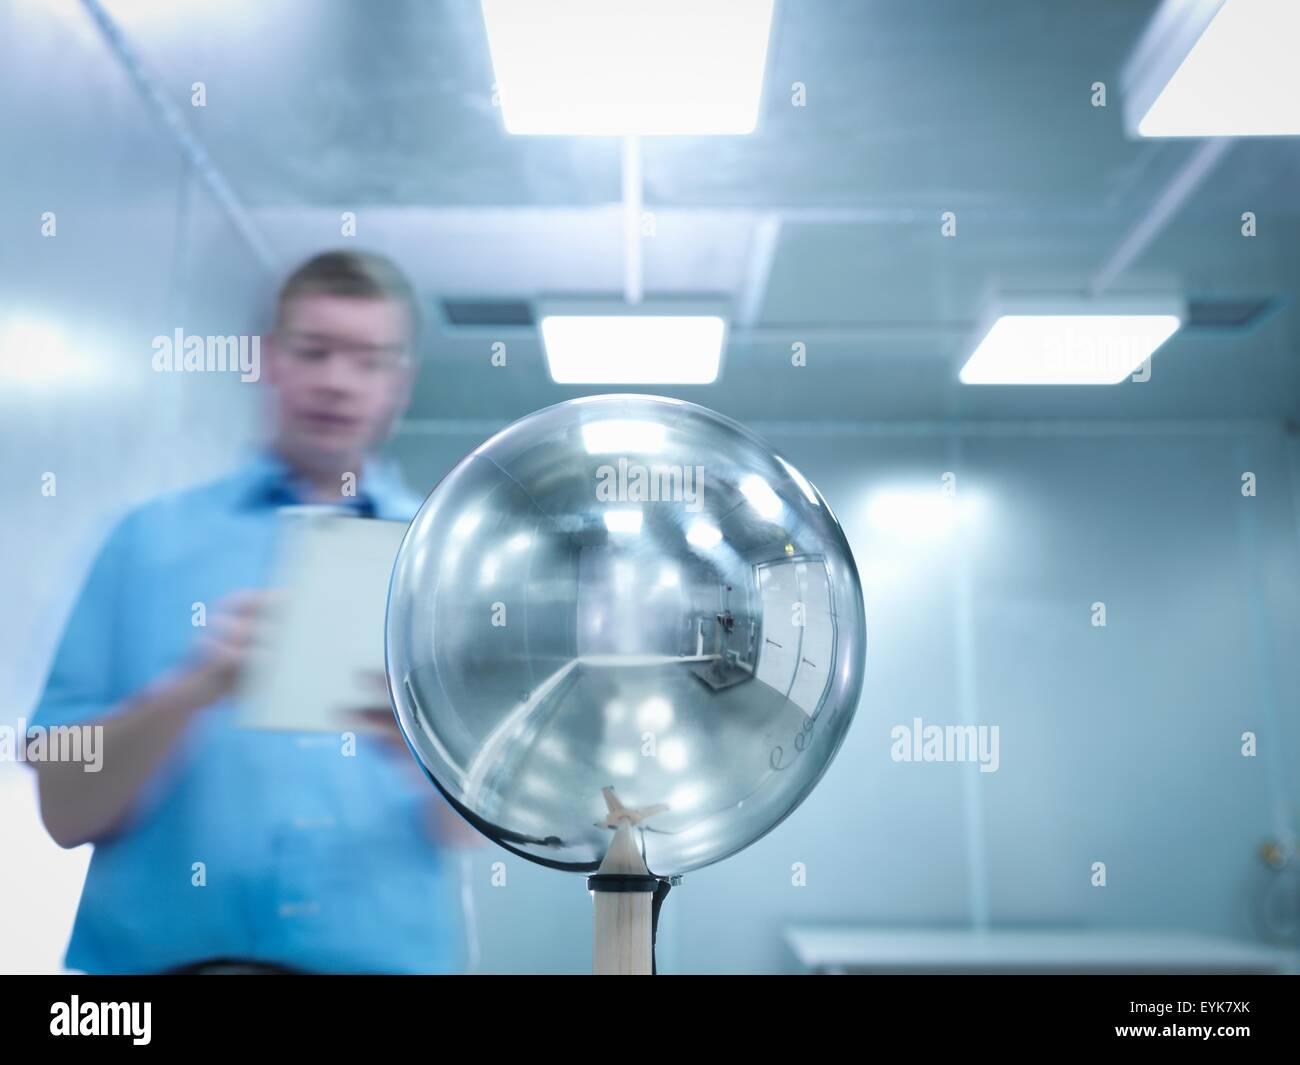 Ingenieur, die Durchführung von elektromagnetischen Feldern (EMF) Prüfung von elektronischen Beleuchtung Stockbild